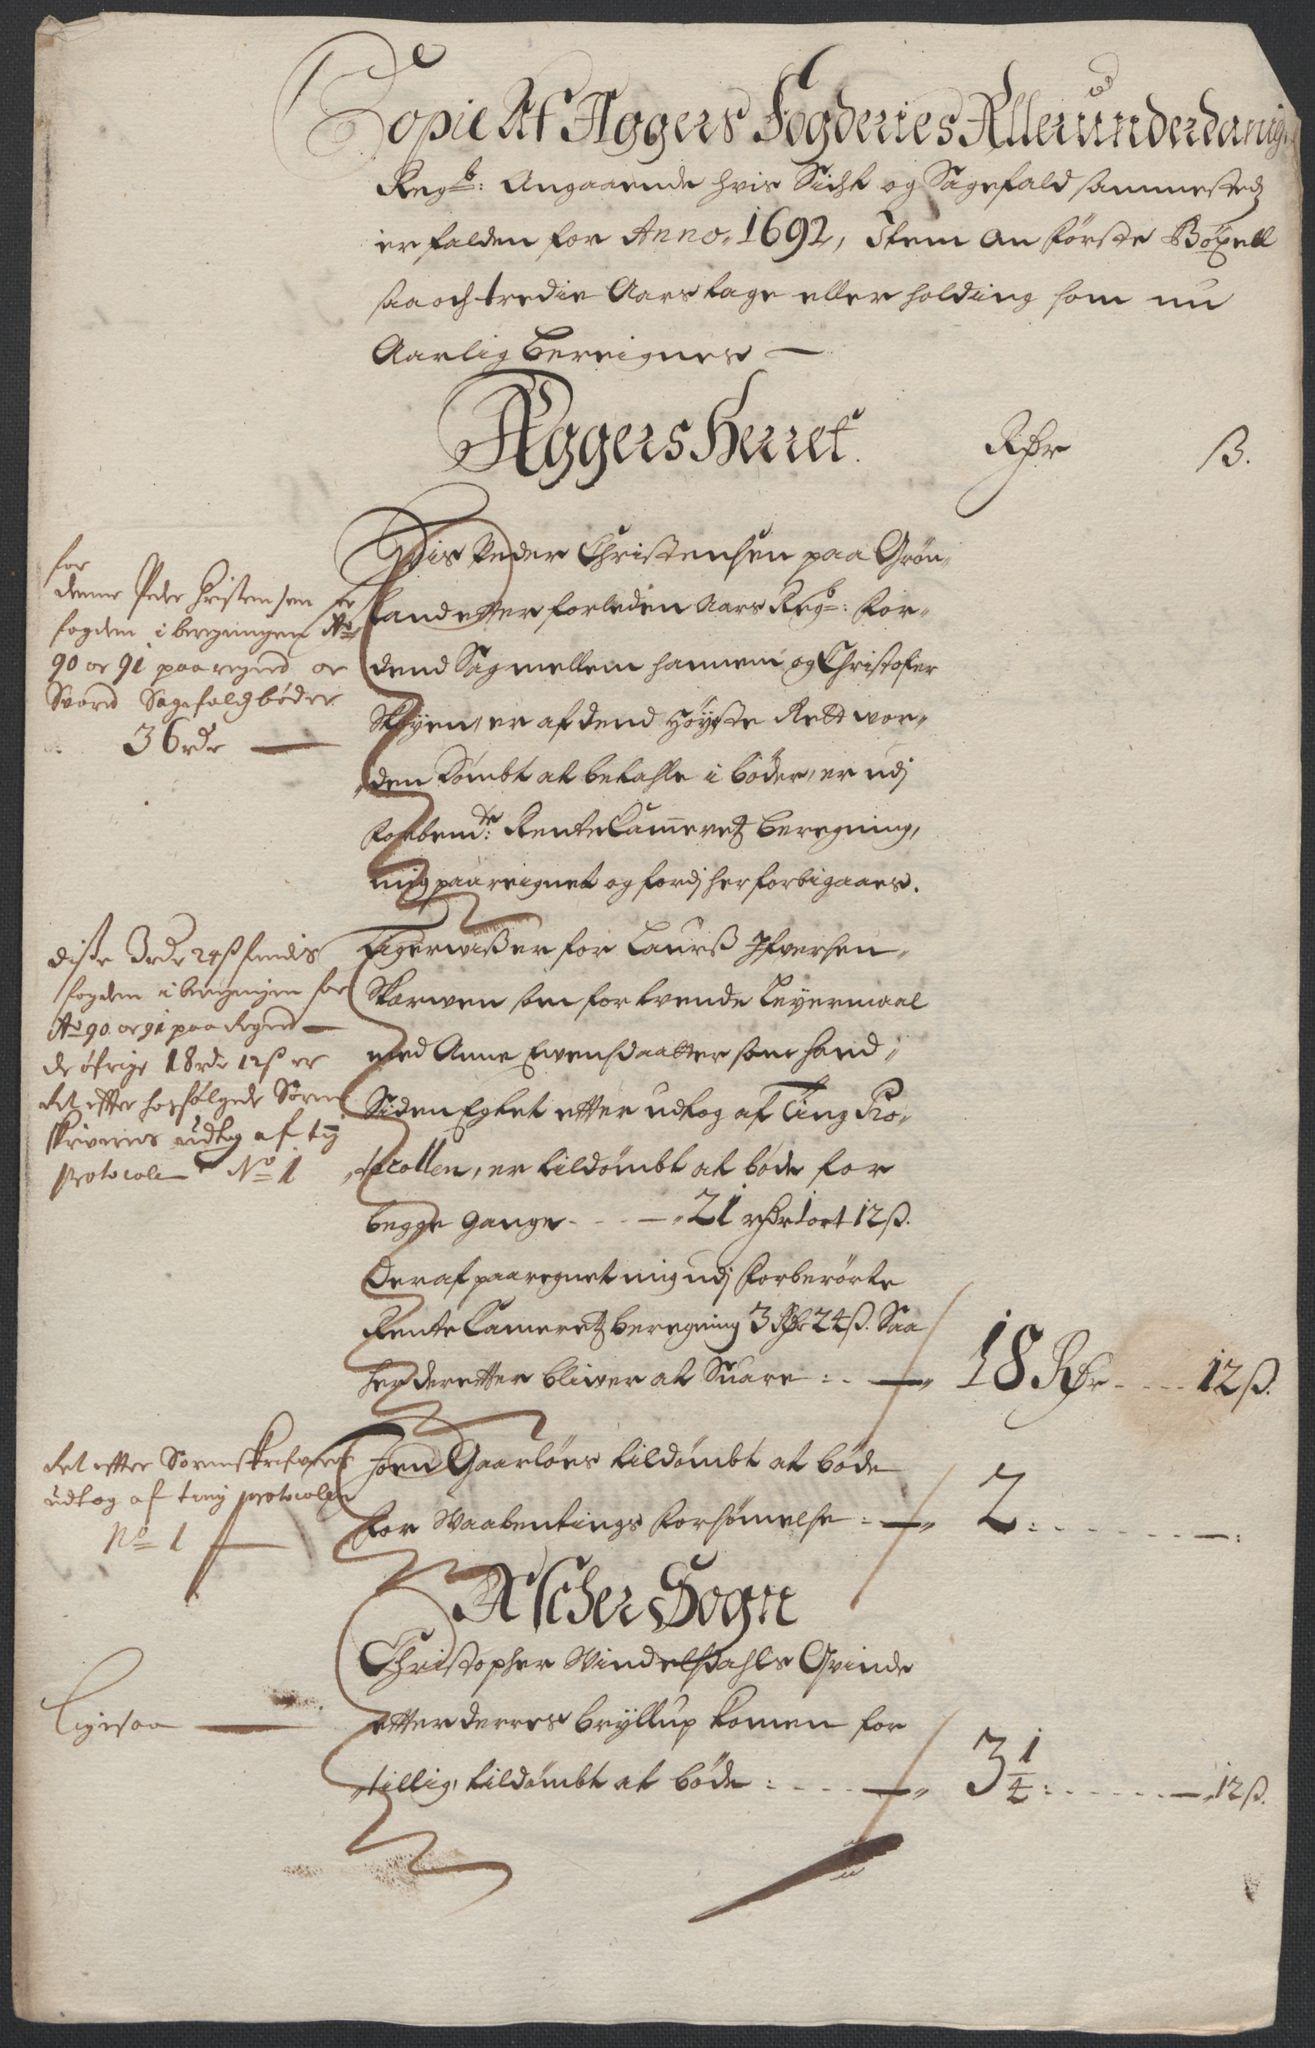 RA, Rentekammeret inntil 1814, Reviderte regnskaper, Fogderegnskap, R08/L0426: Fogderegnskap Aker, 1692-1693, s. 78